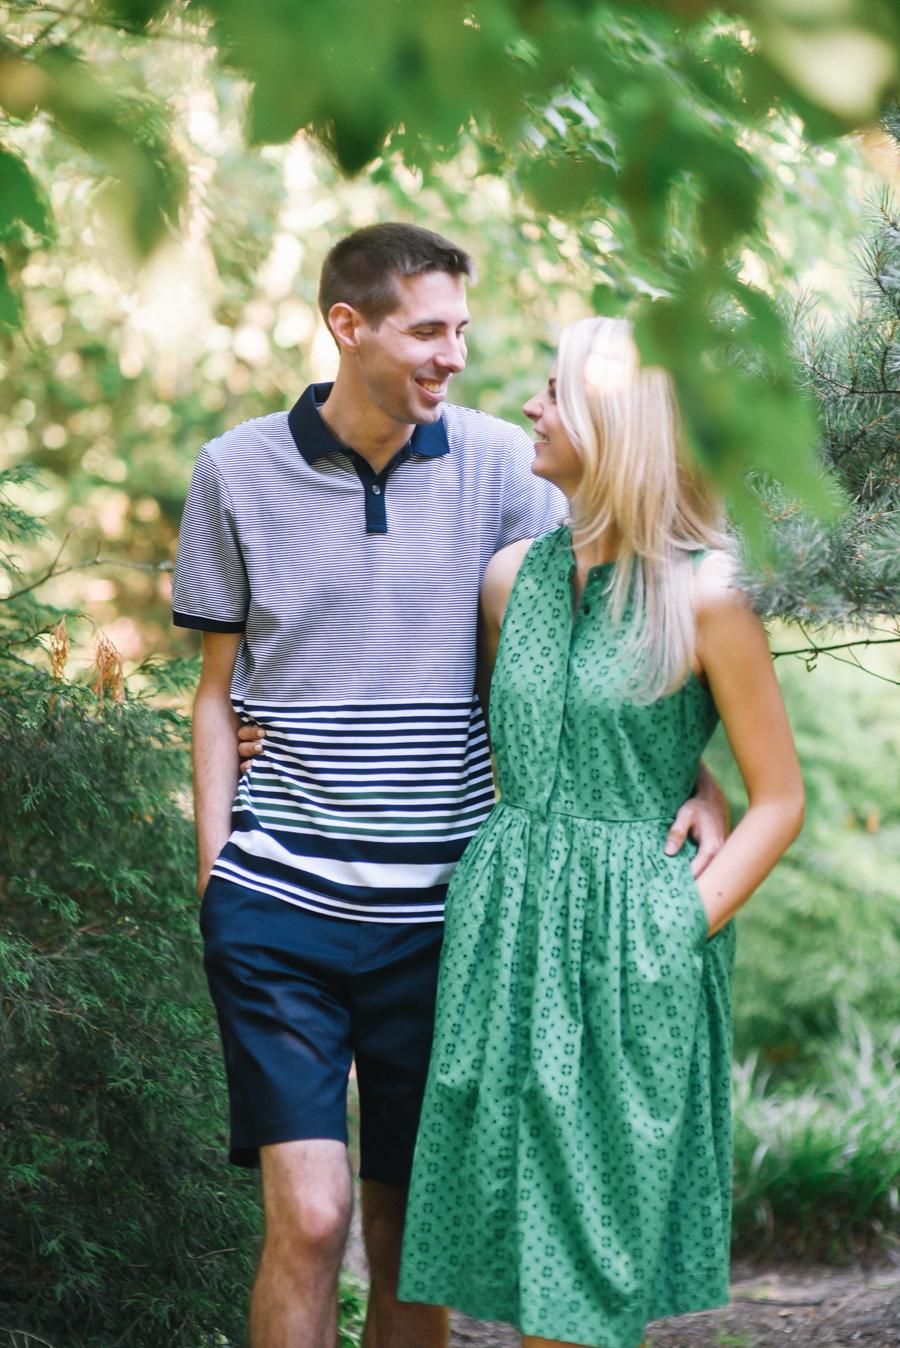 MSU_Arboretum_Engagement_Photos-58.jpg